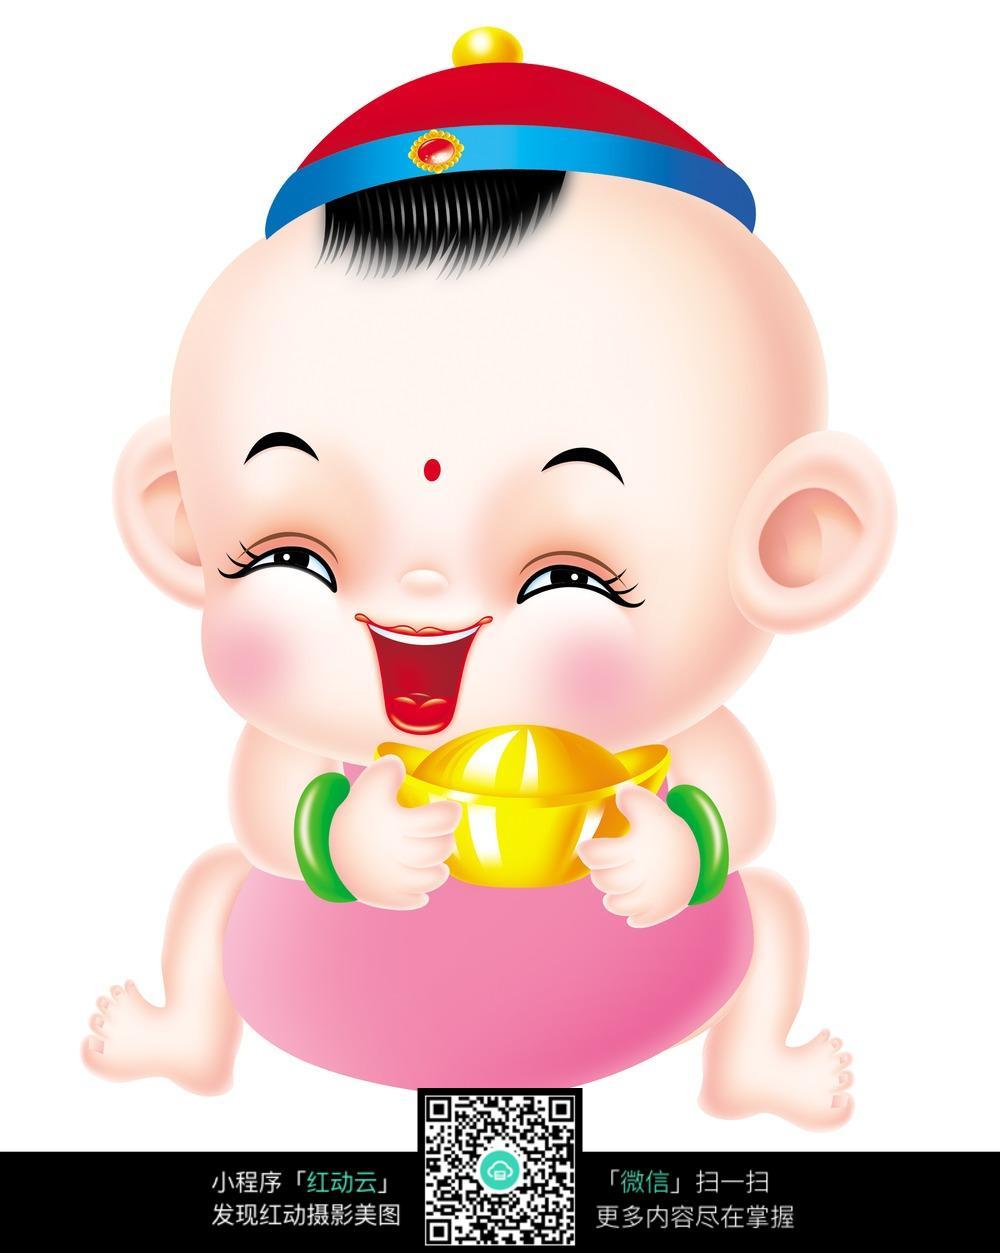 福宝宝设计_人物卡通图片